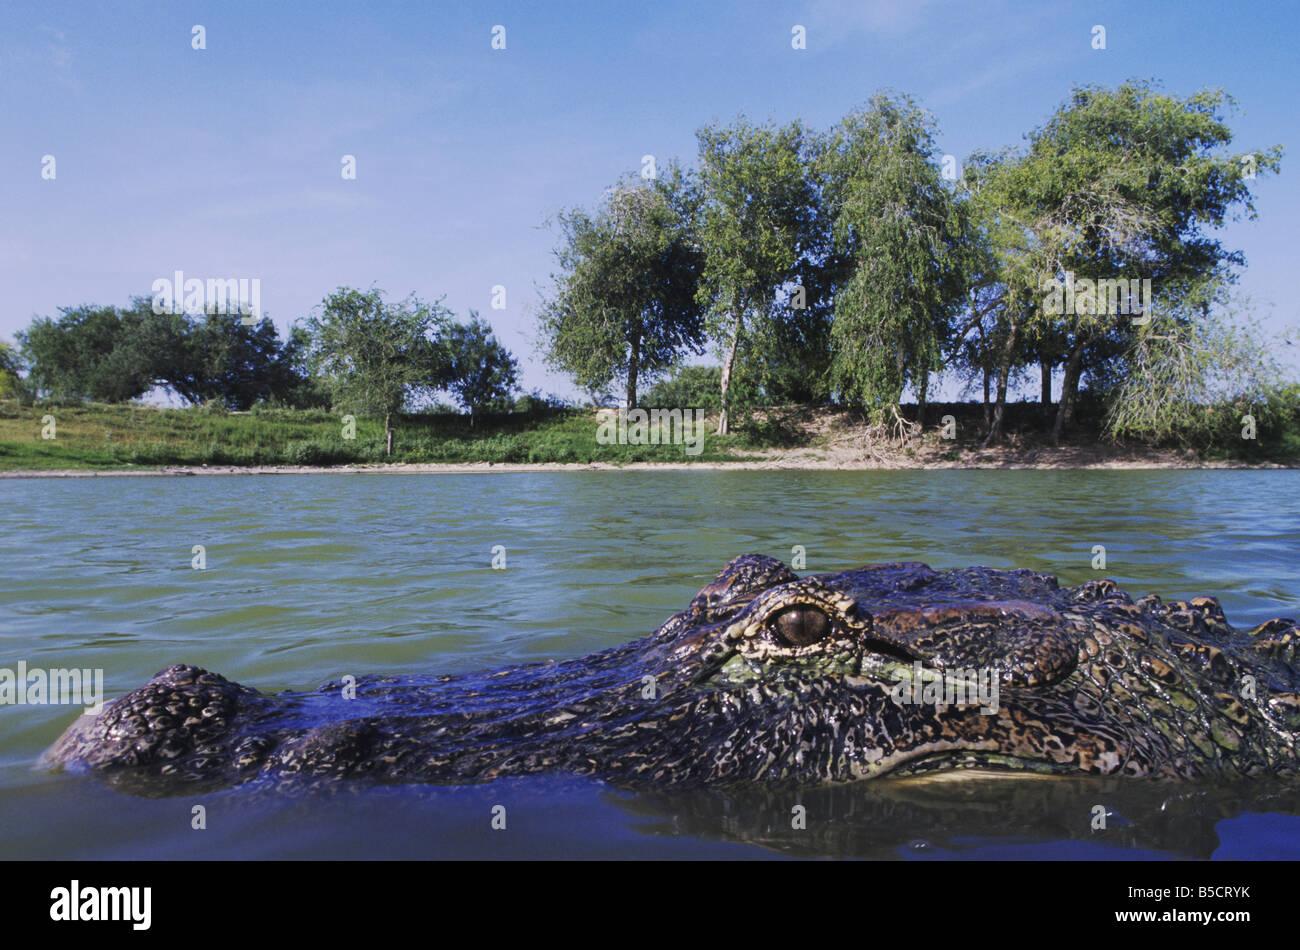 American Alligator Alligator mississipiensis adulto in stagno Rio Grande Valley Texas USA Foto Stock